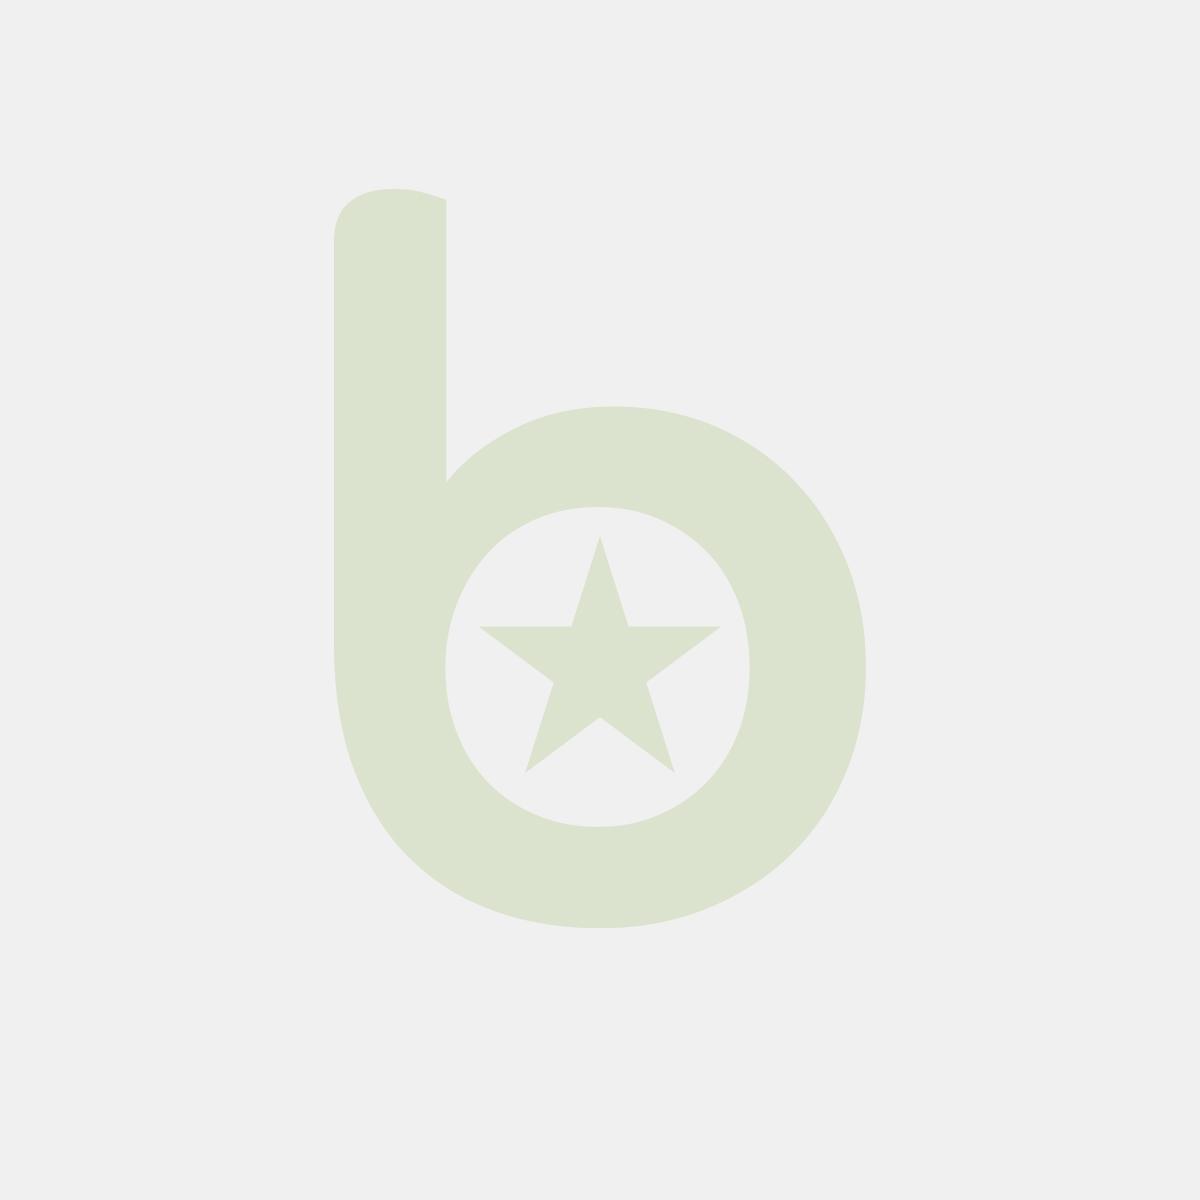 Torba brązowa z uchem 250x170x340 idealna do pojemników obiadowych zgrzewanych